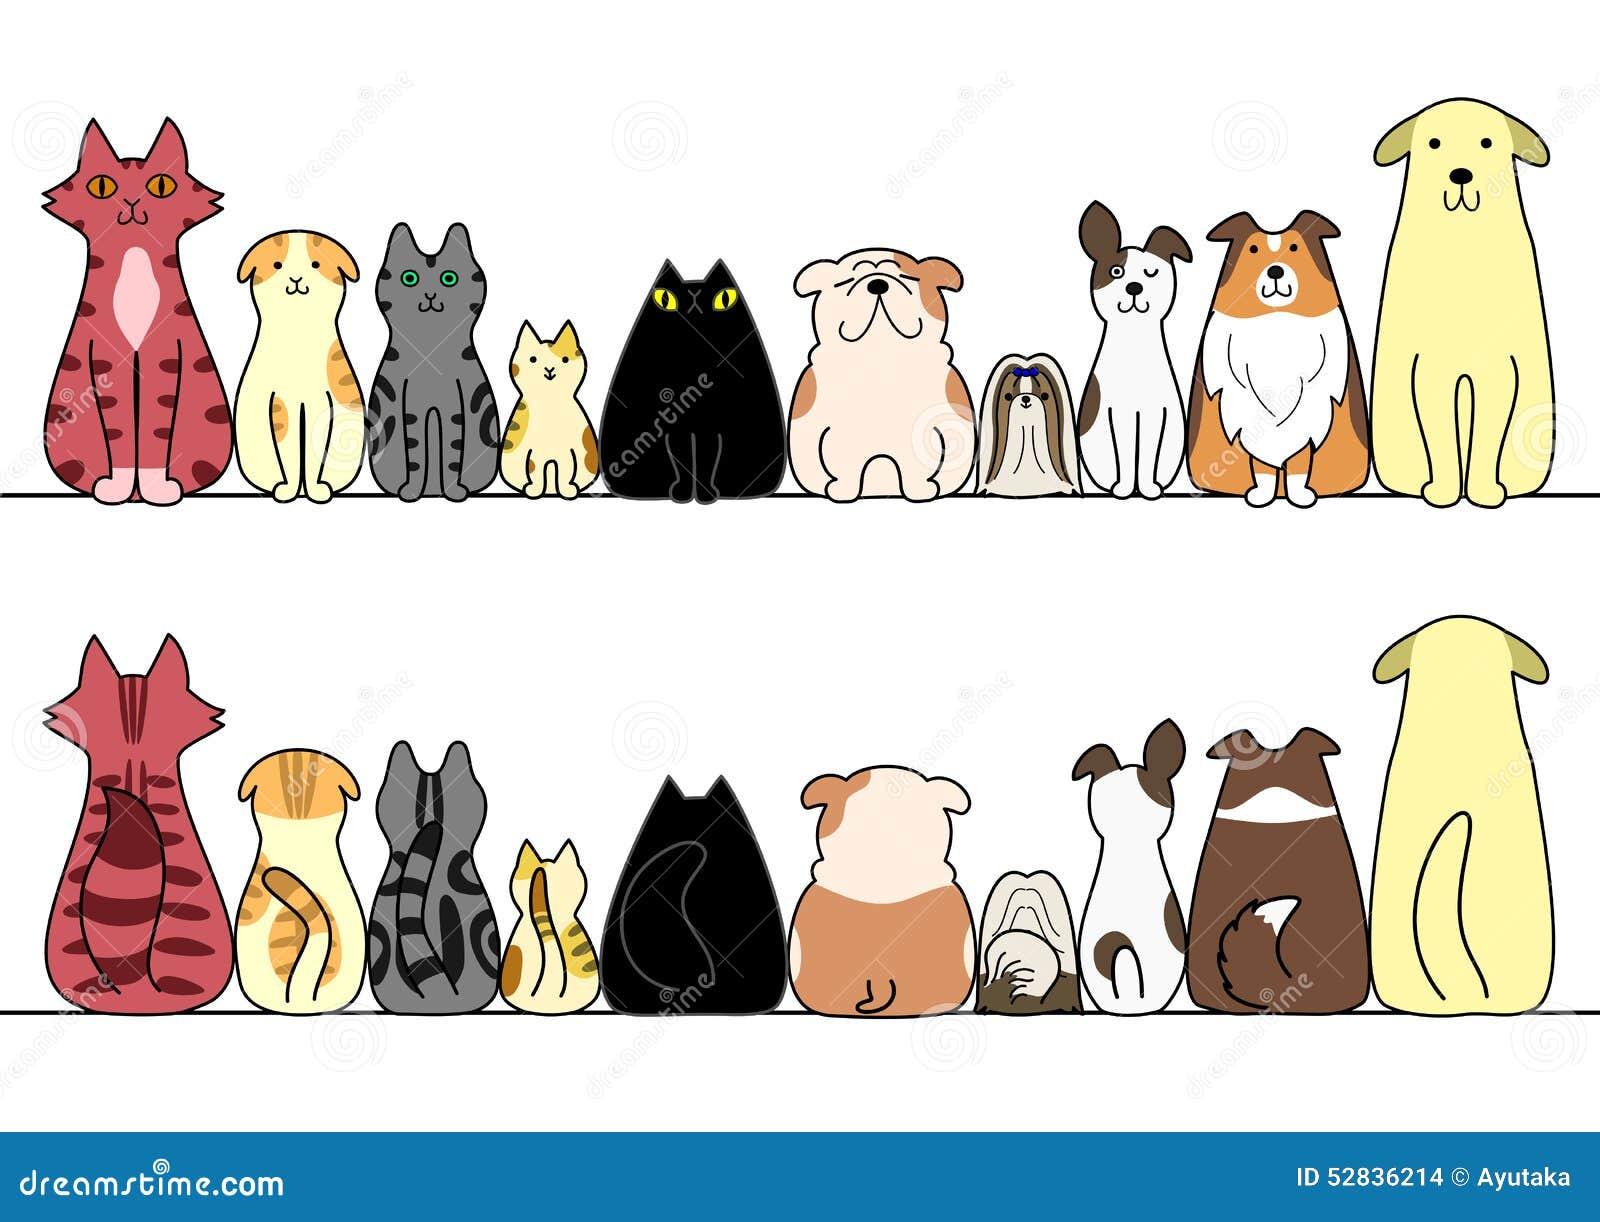 Собаки и кошки в ряд с космосом, фронтом и задней частью экземпляра